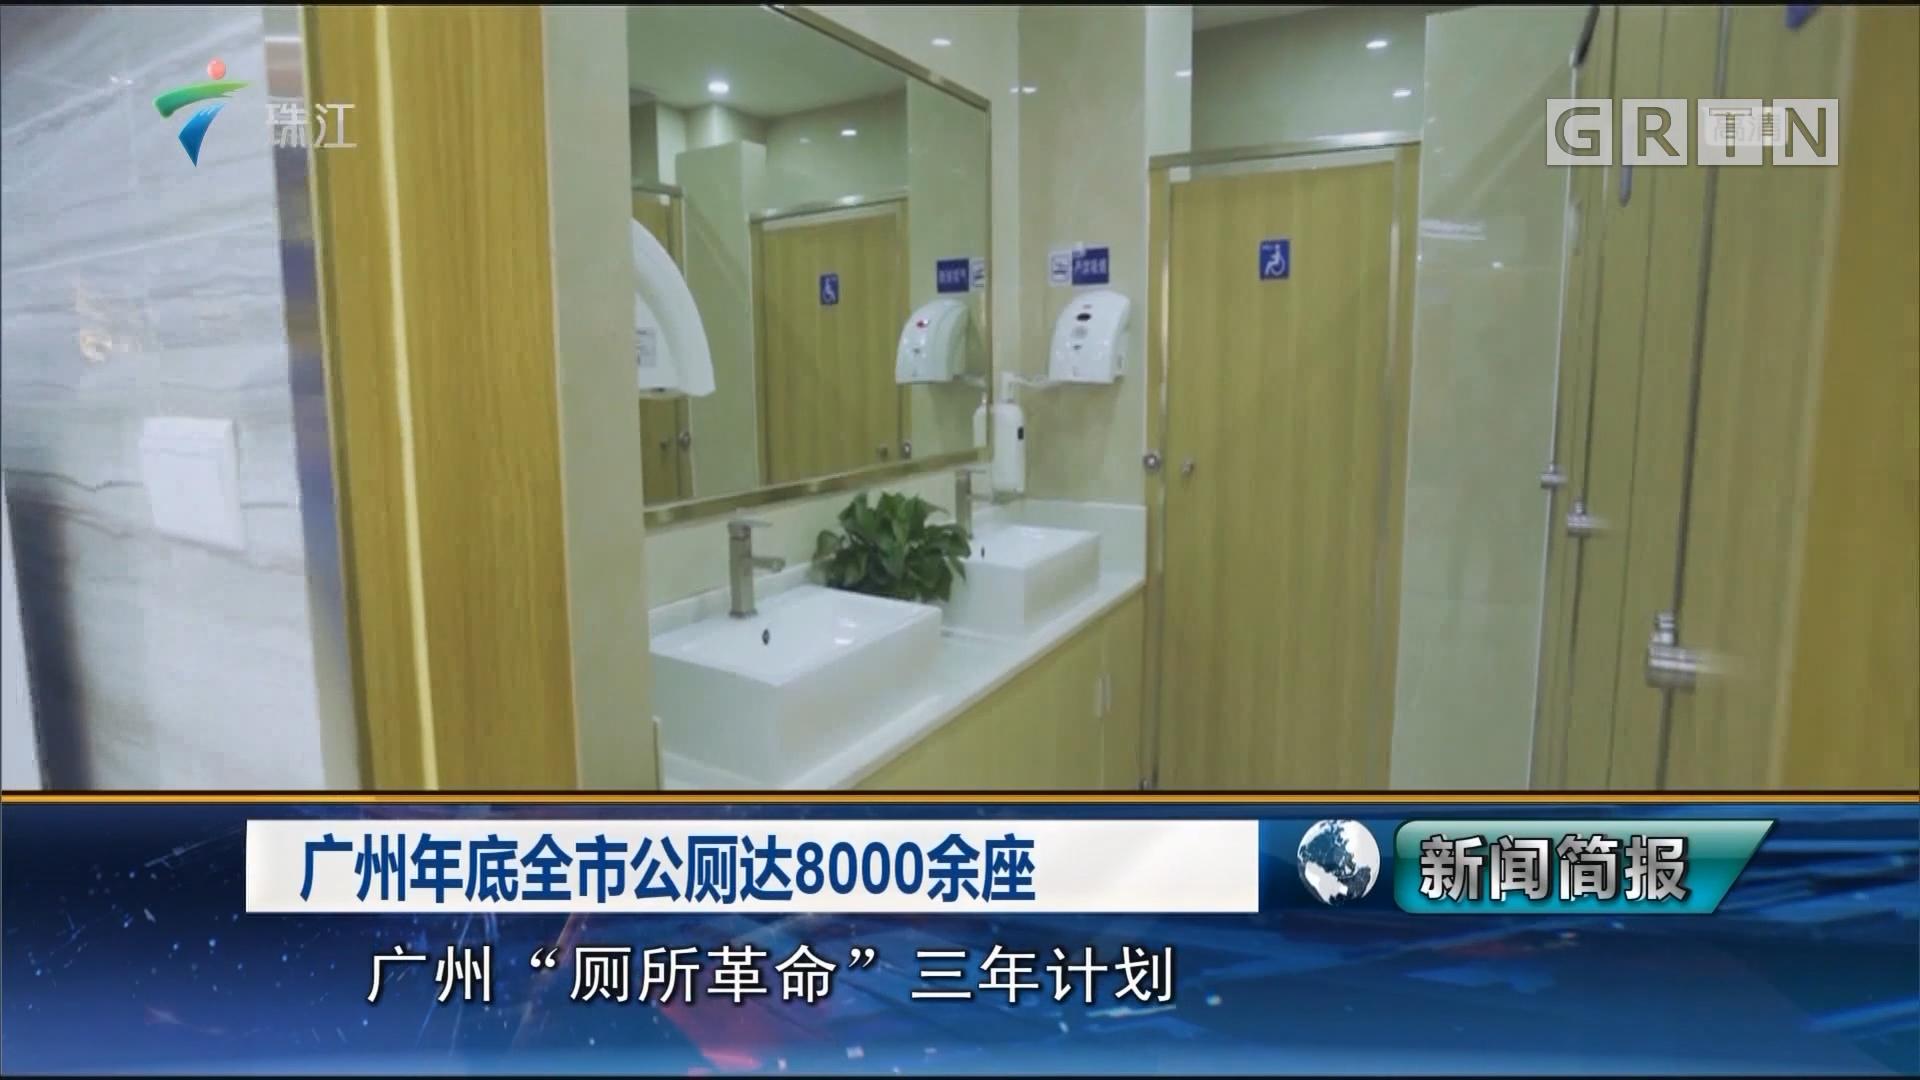 广州年底全市公厕达8000余座